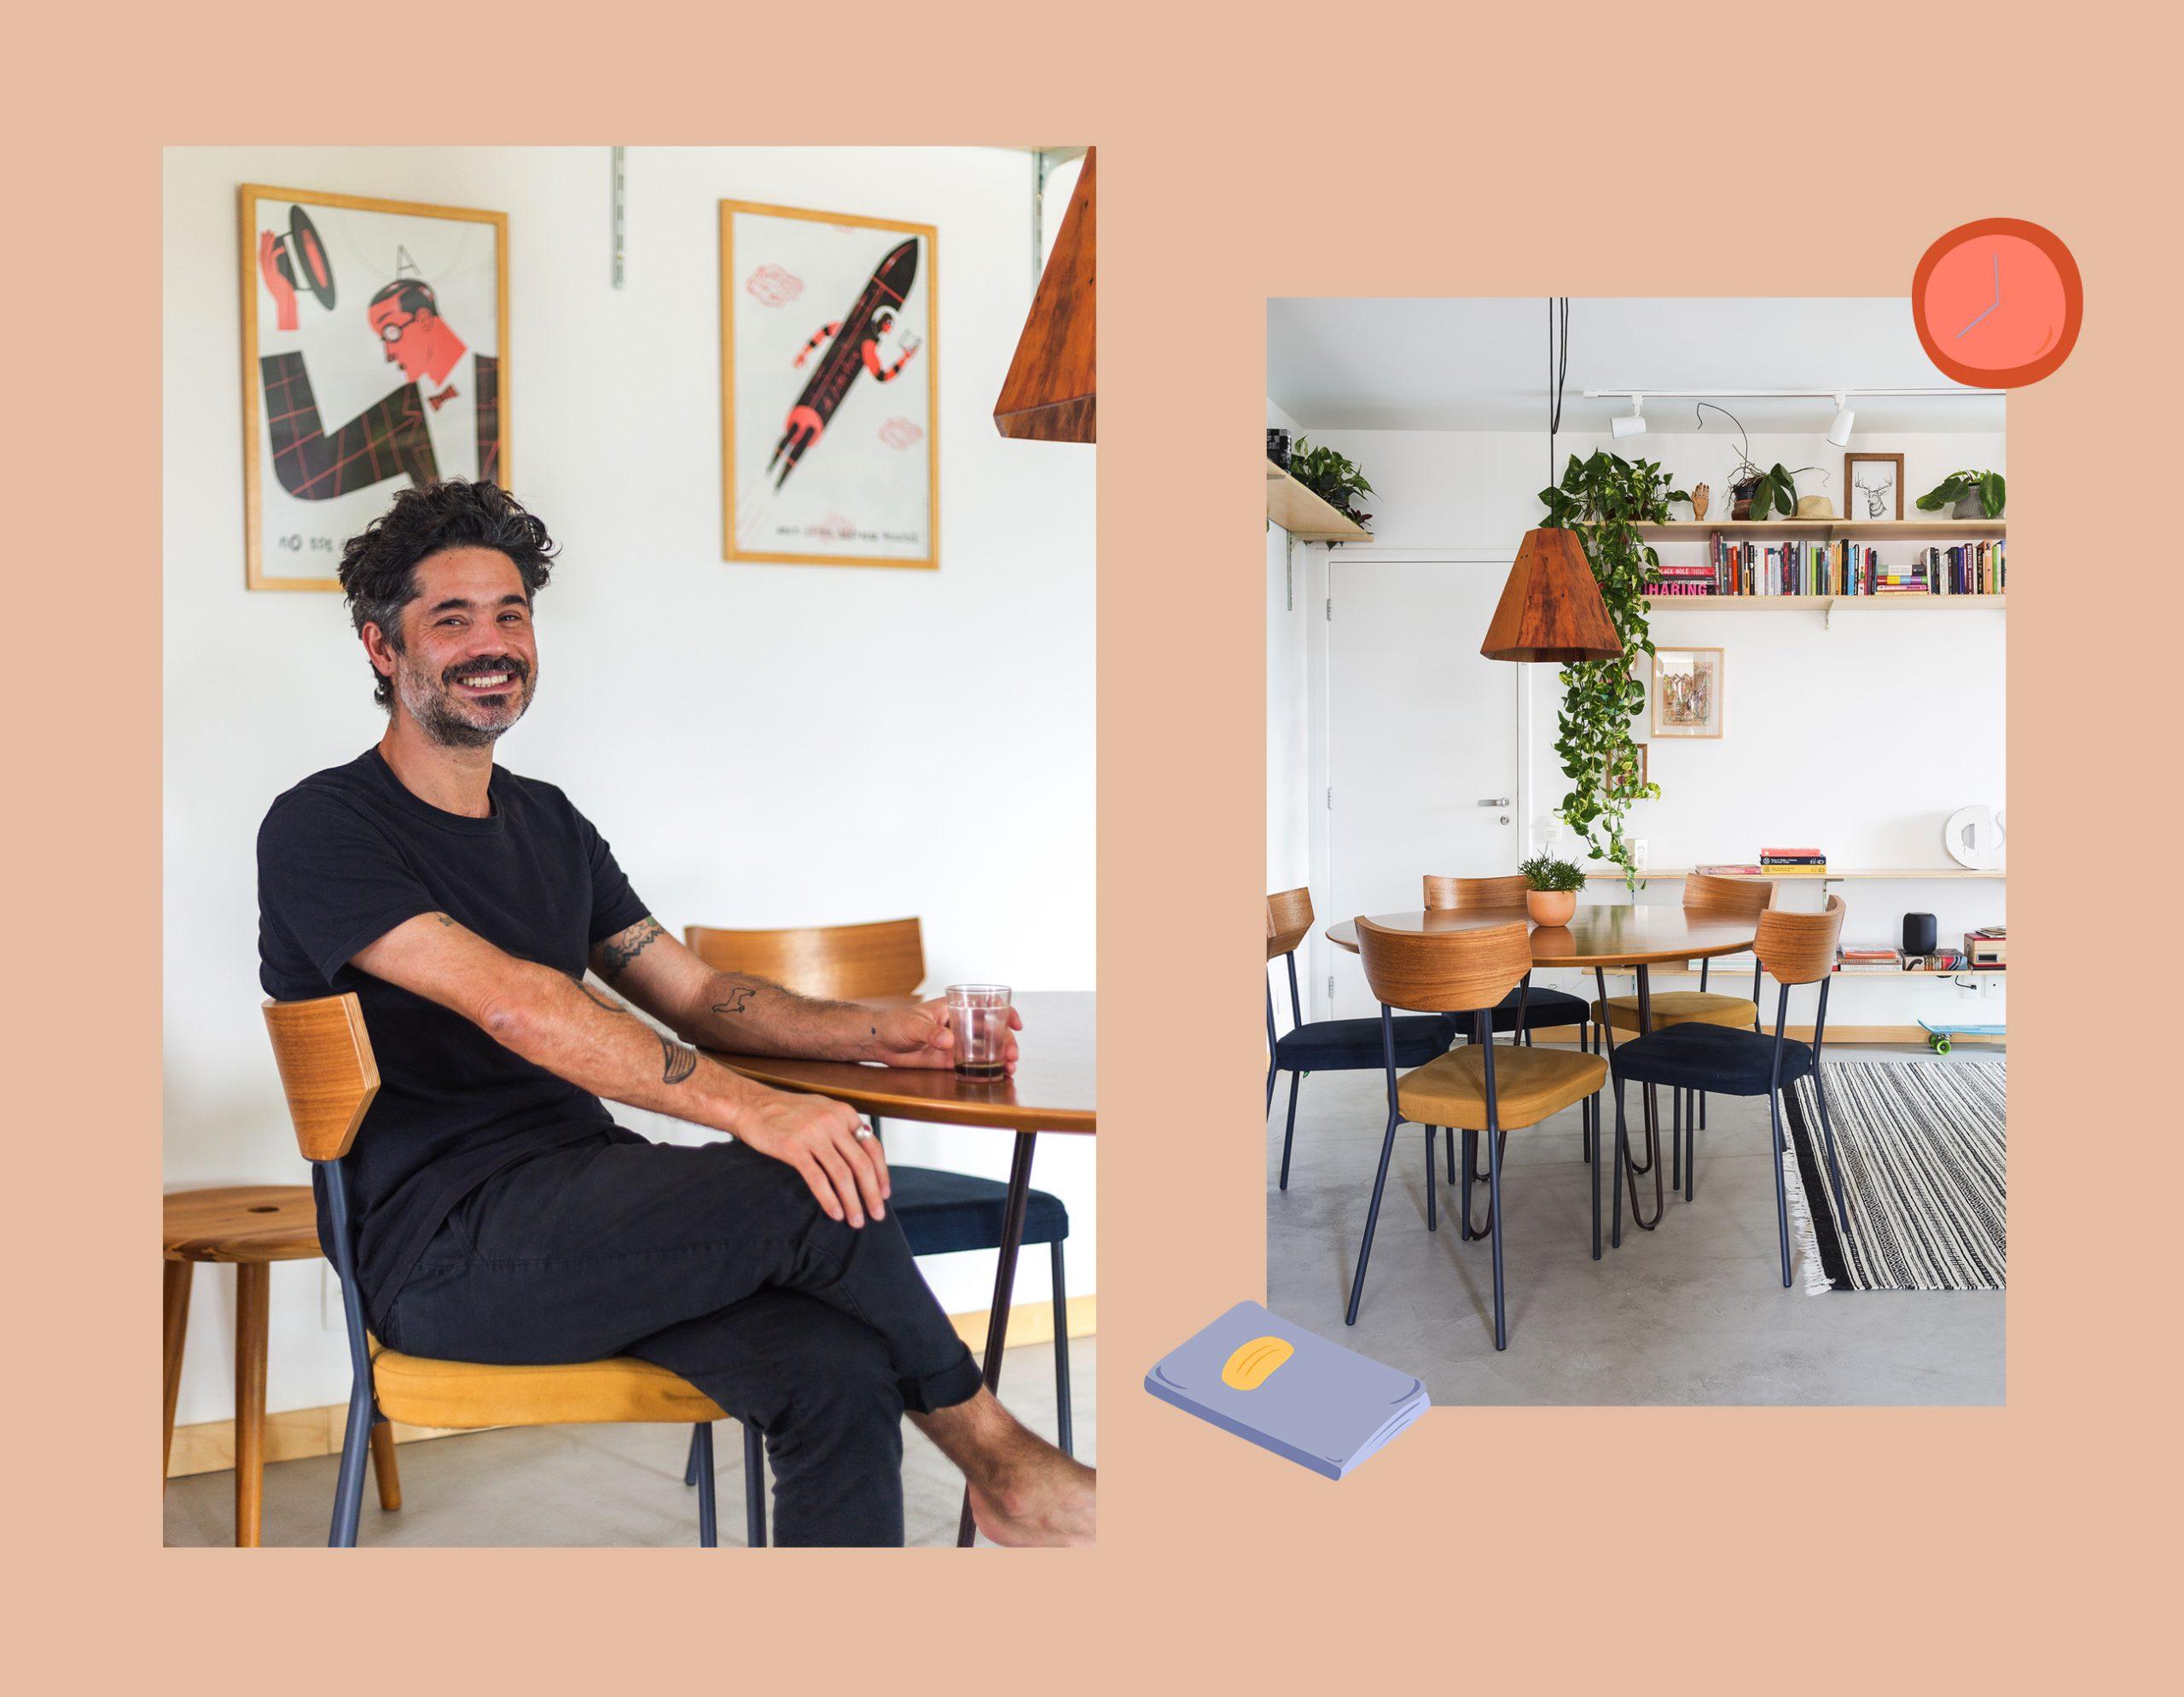 Fique em casa - Como trabalhar home office de um jeito leve e agradável